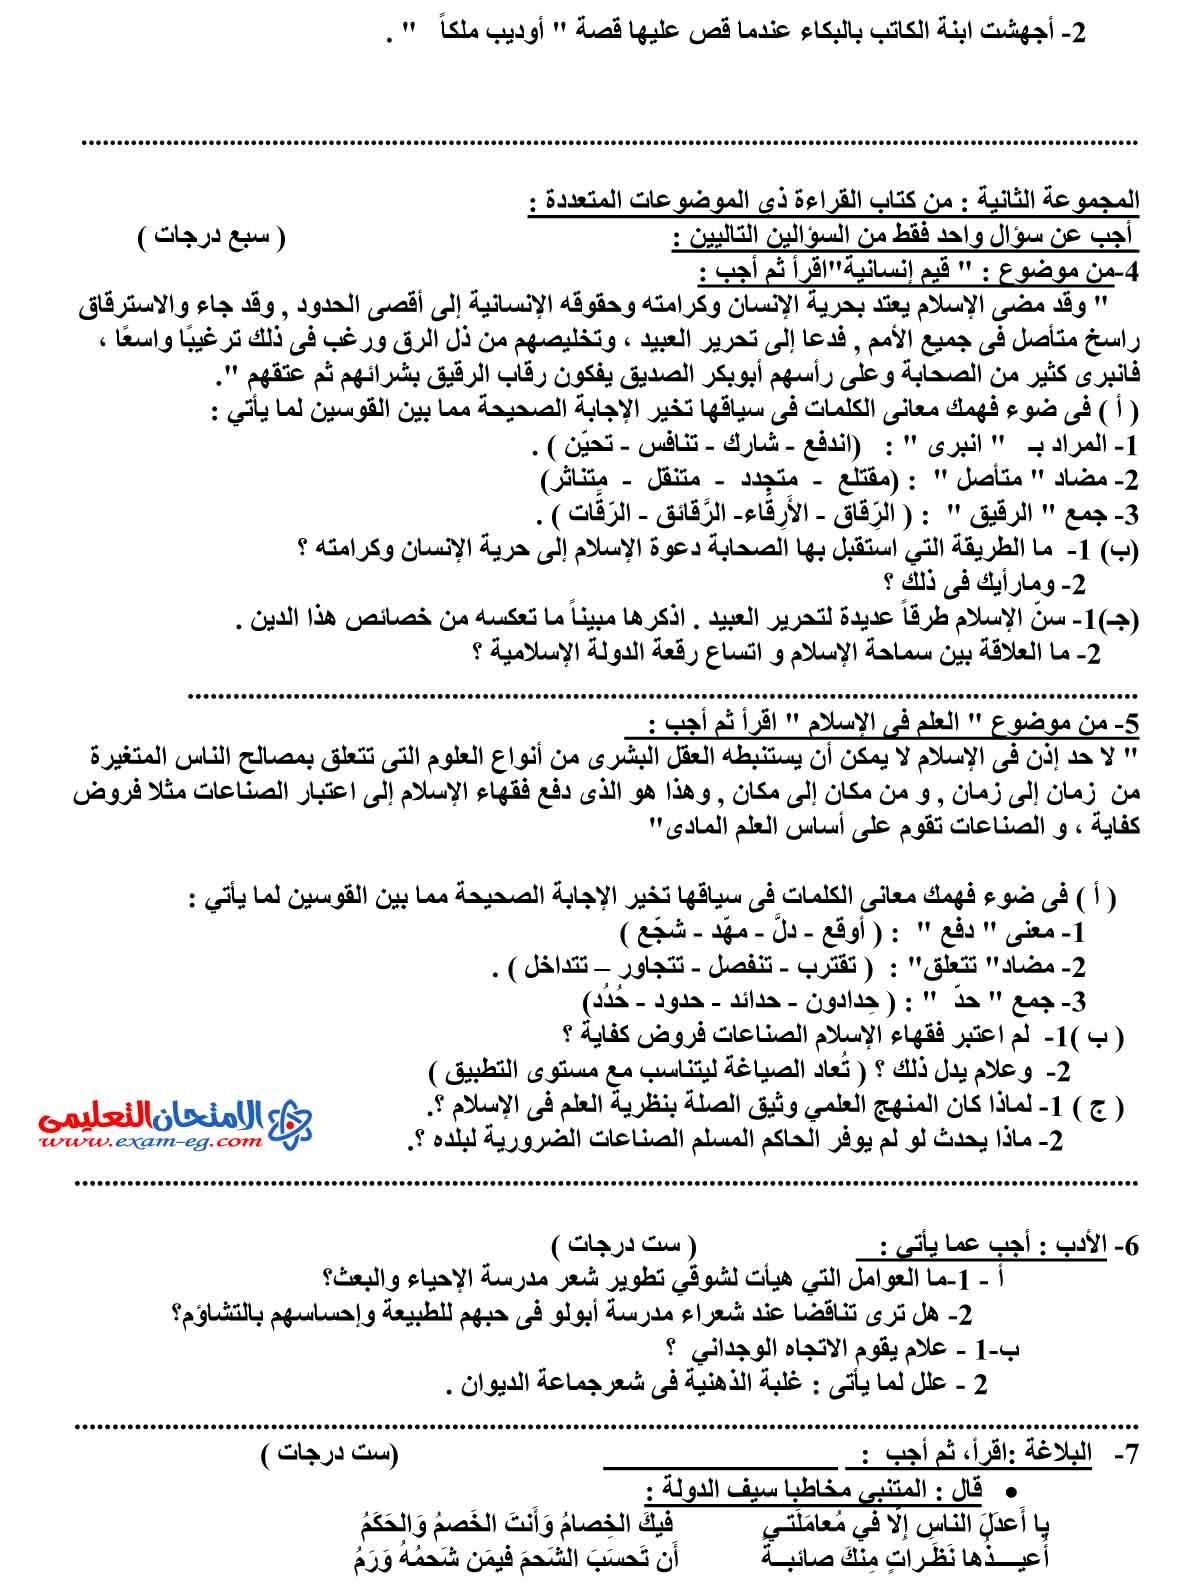 امتحان اللغة العربية 1 - مدرسة اون لاين (2)